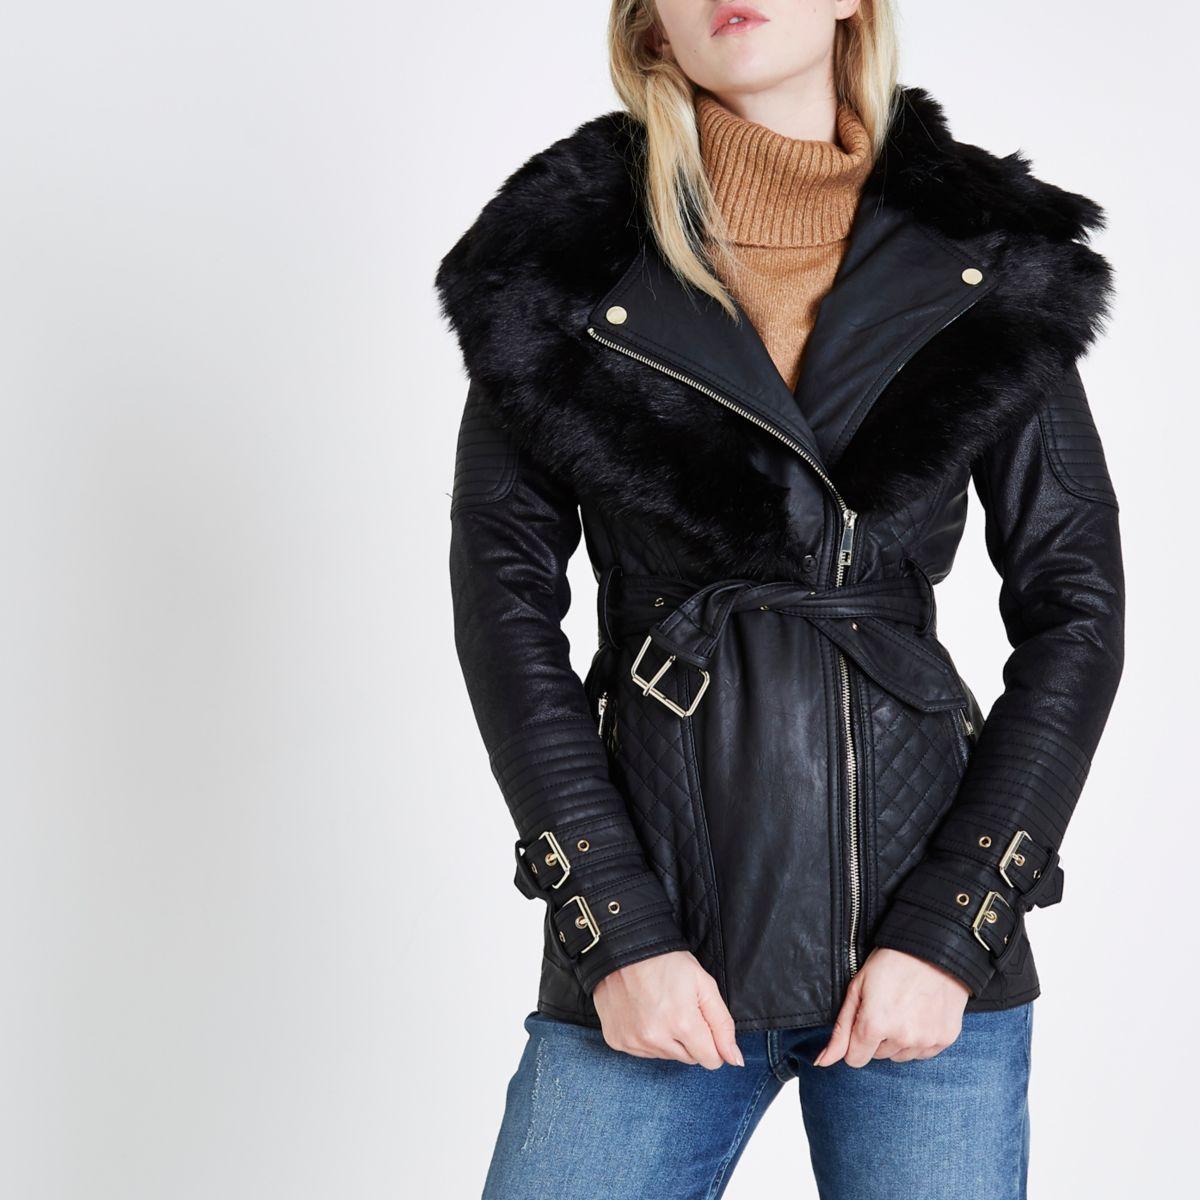 Manteau noir matelassé avec ceinture et col style motard